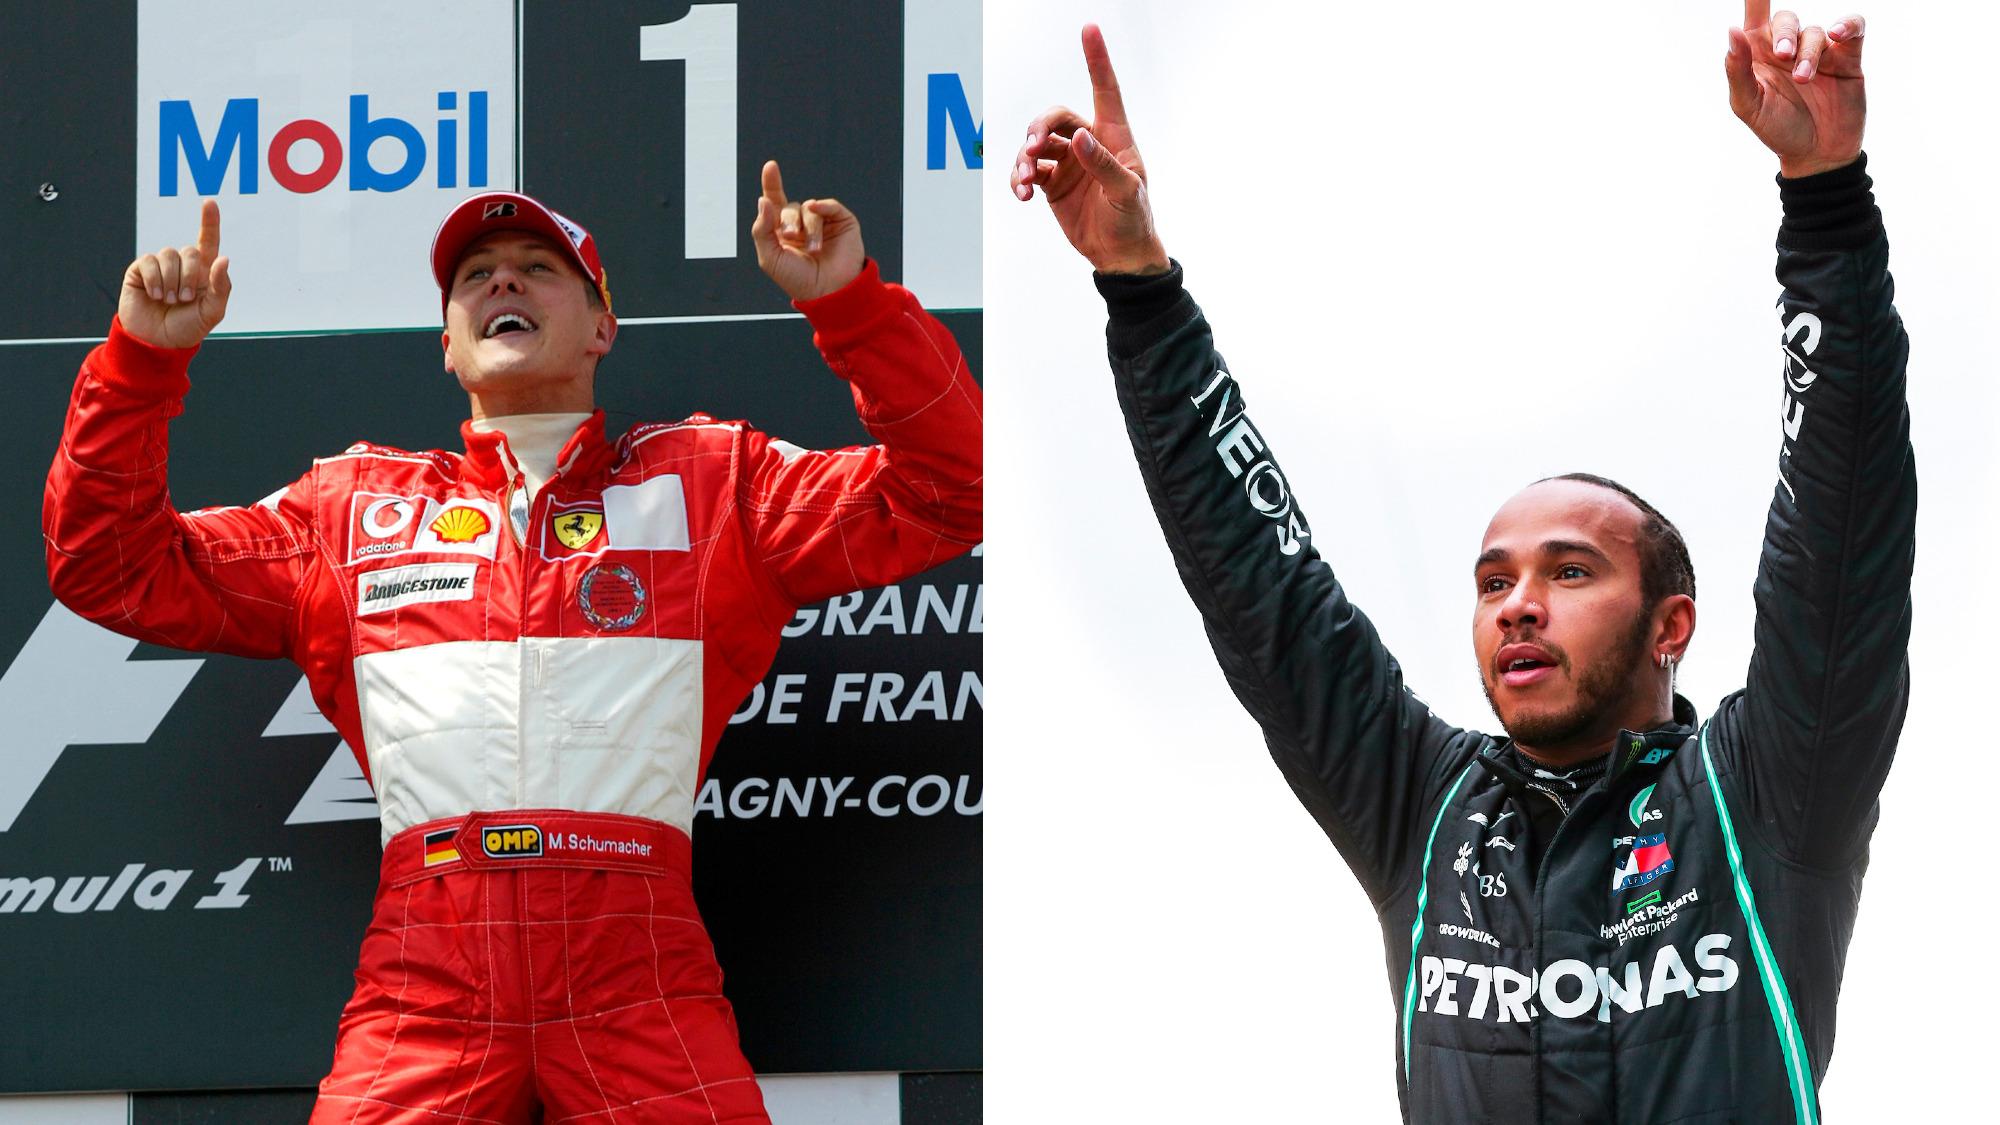 Michael Schumacher, French GP 2004 / Lewis Hamilton, 2020 Turkish GP